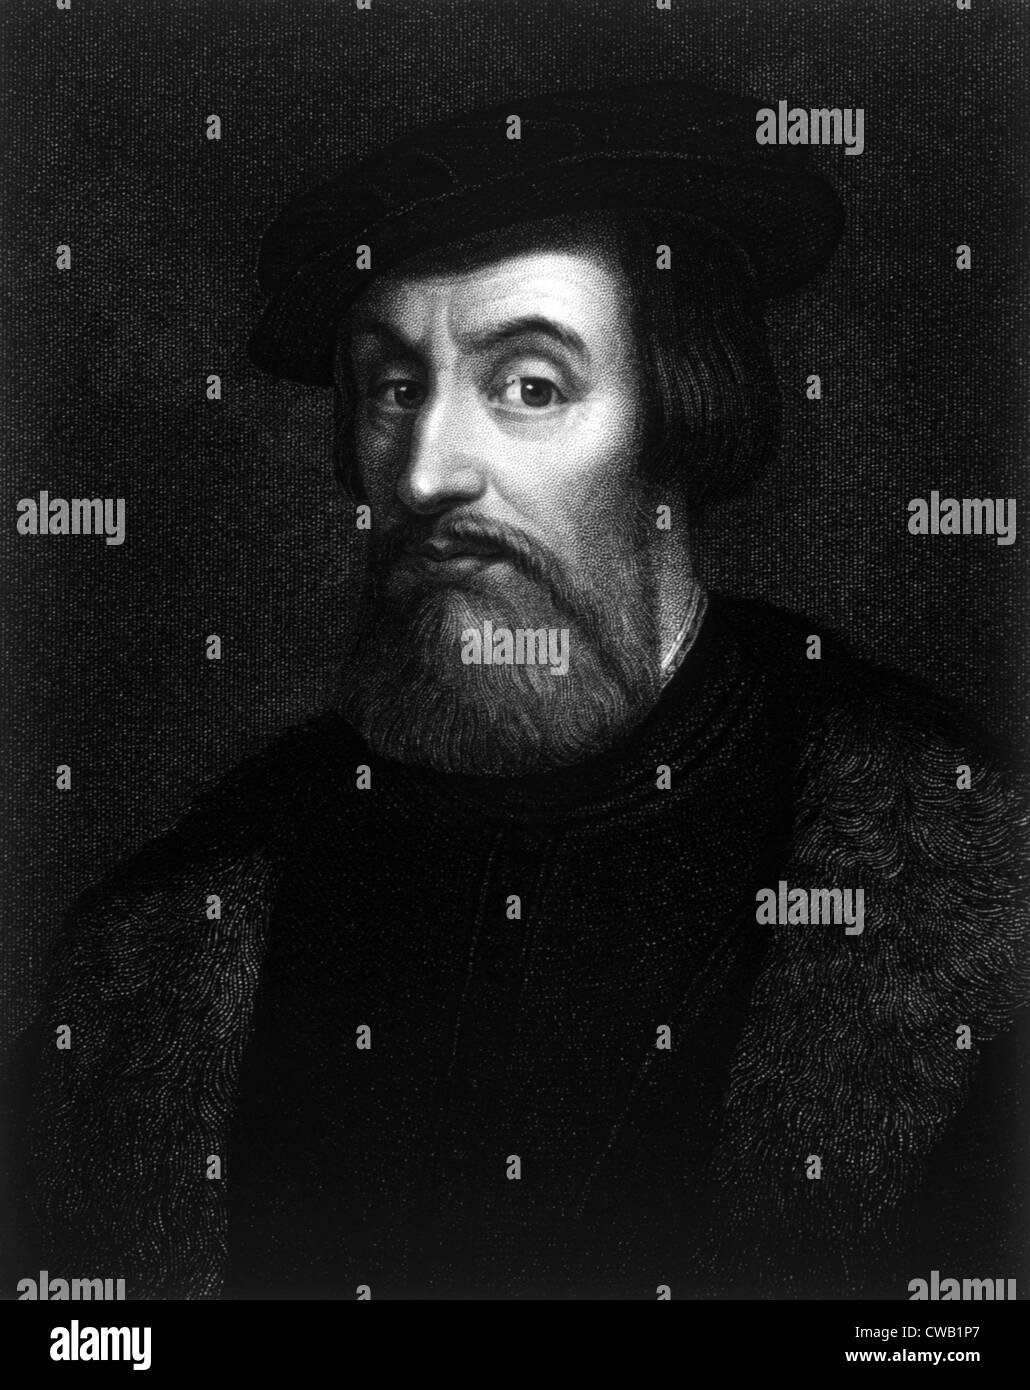 hernando cortez Hernán cortés wurde 1485 geboren hernán cortés war ein spanischer konquistador, der mit seinen indianischen verbündeten xicoténcatl dem jüngeren das reich der azteken eroberte (1519–1521) und damit entscheidend zur kolonialisierung amerikas durch spanien beitrug.